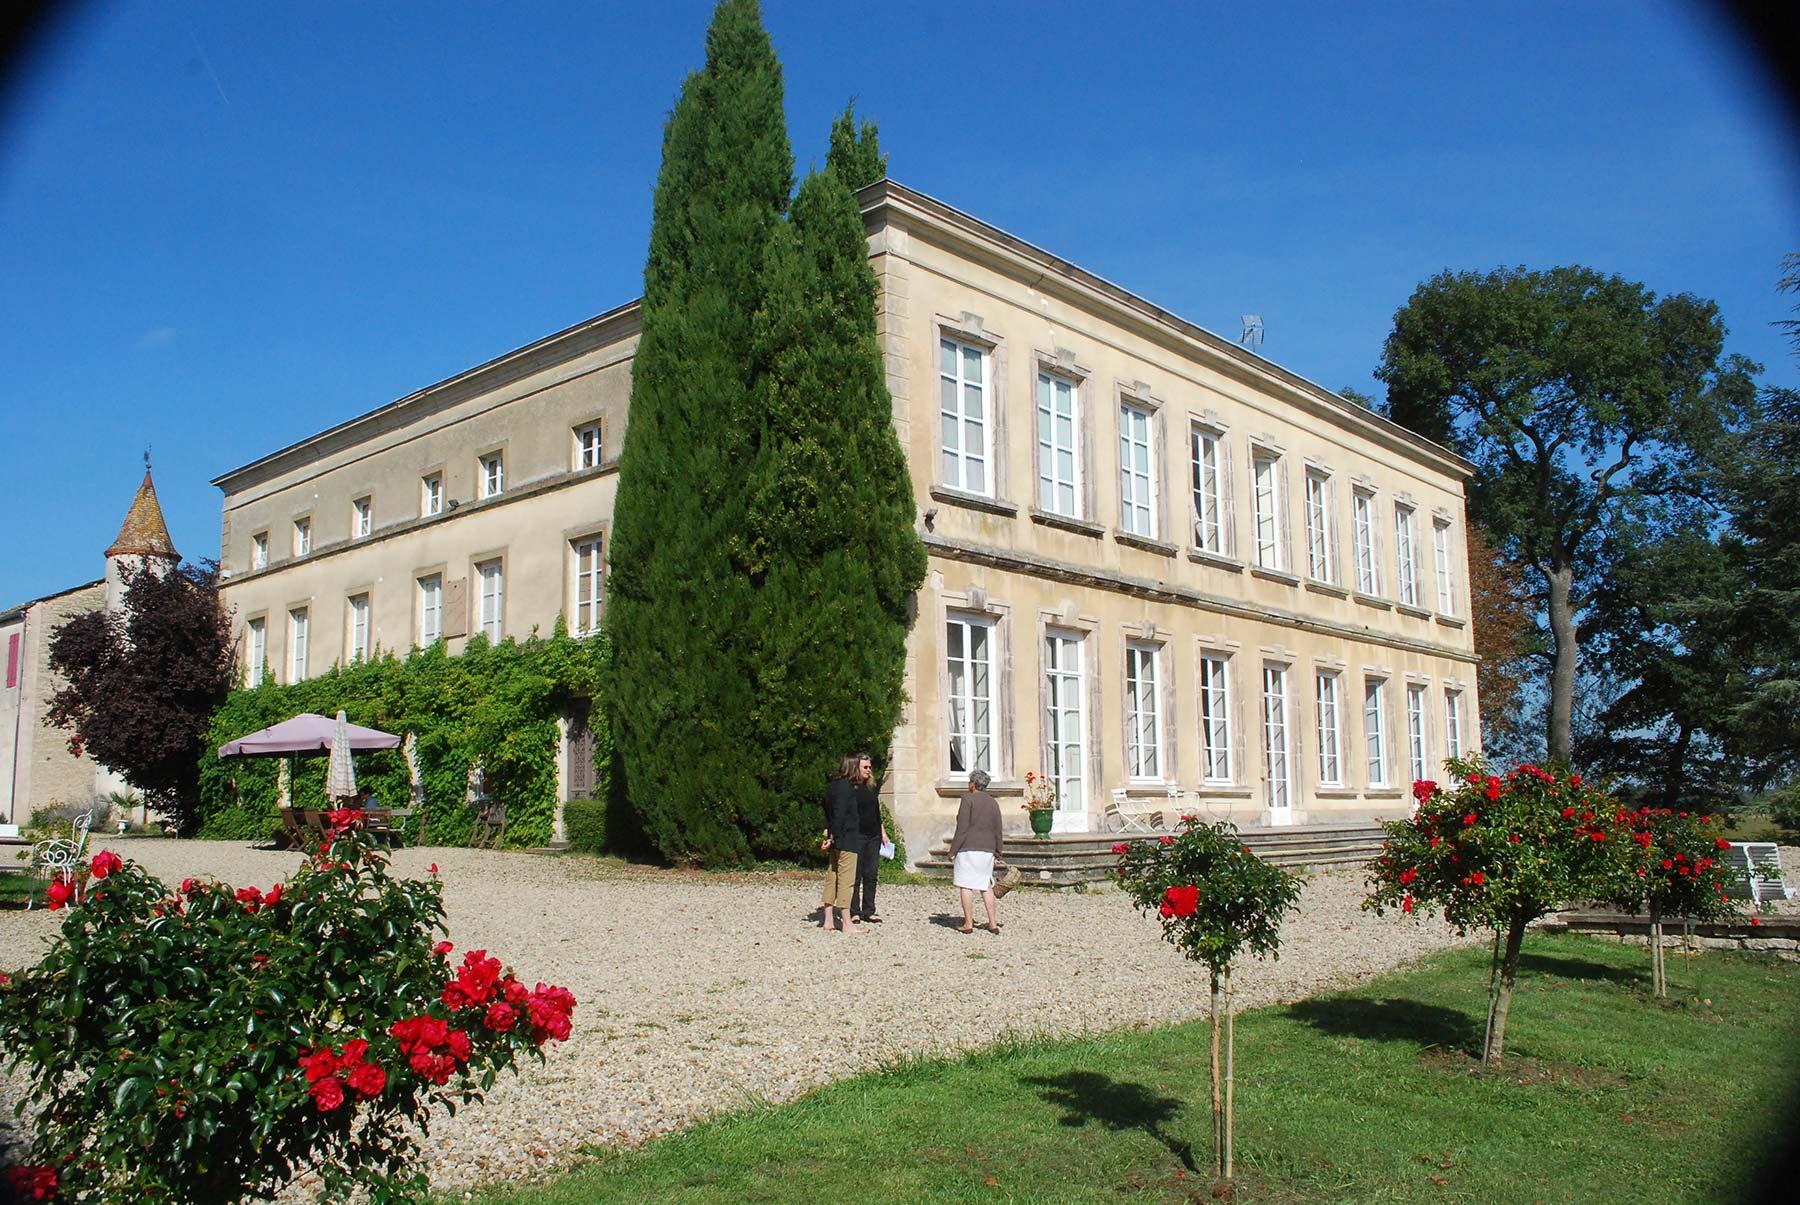 Chateau de l'Arvolot